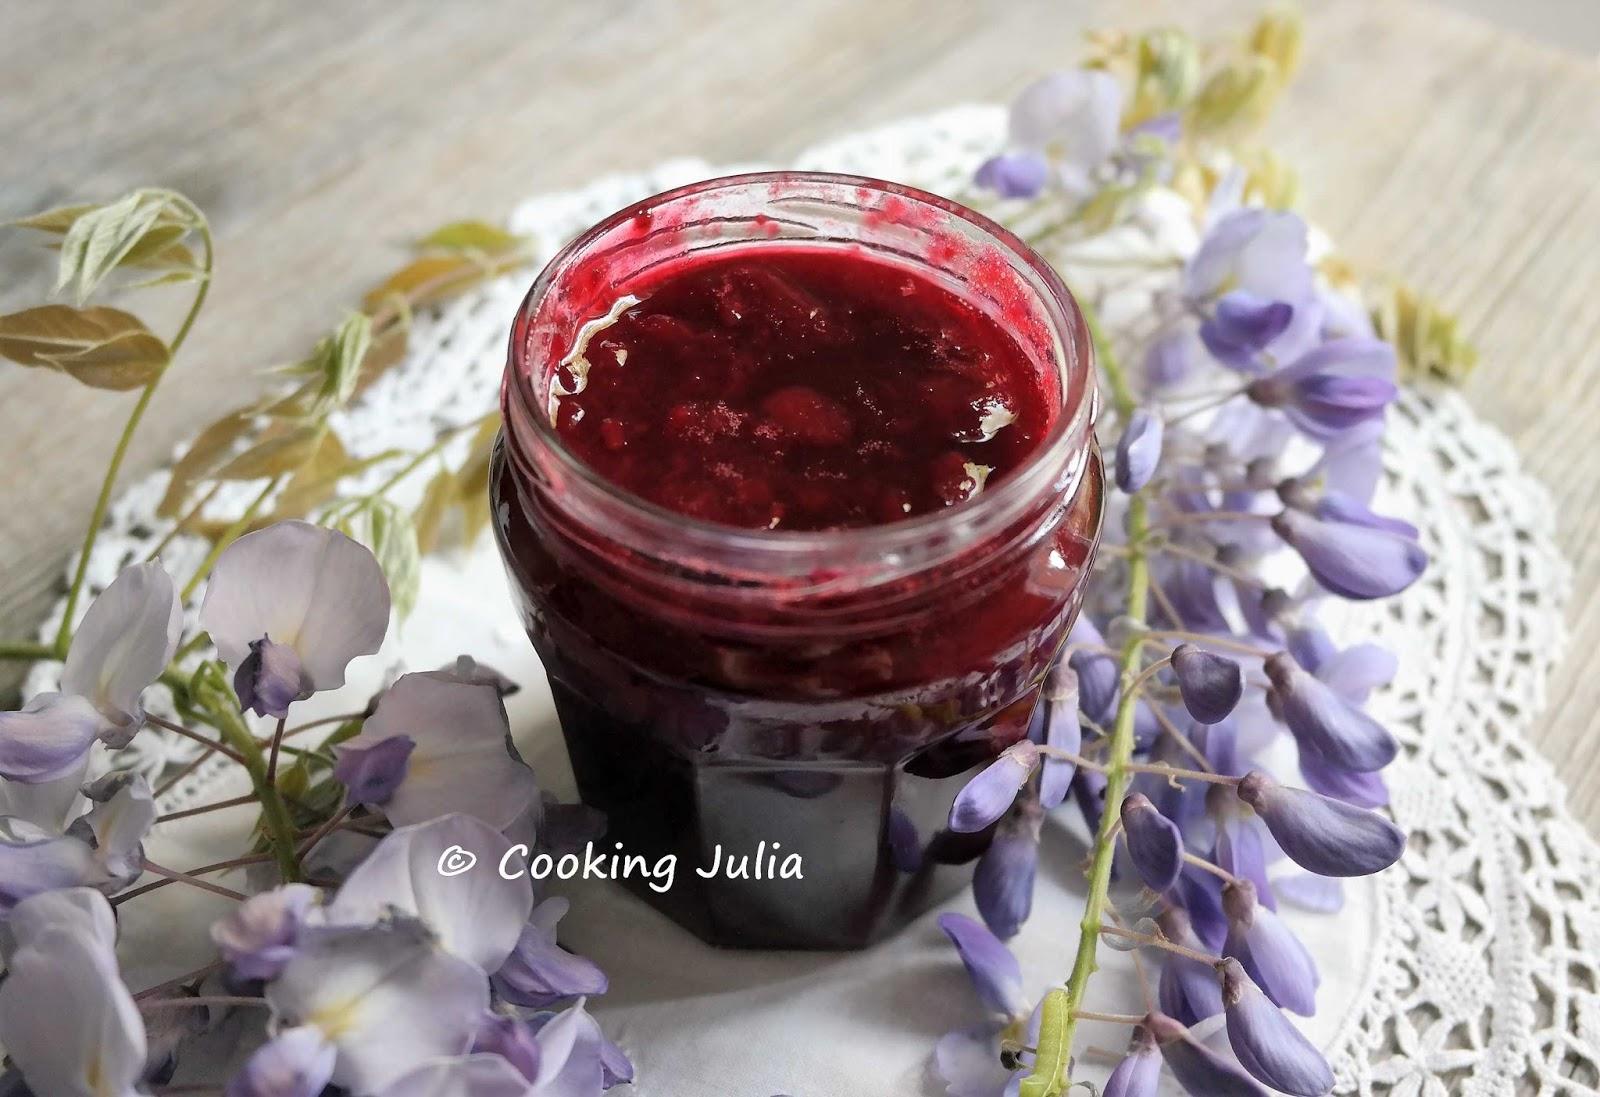 confiture de fraise surgelee